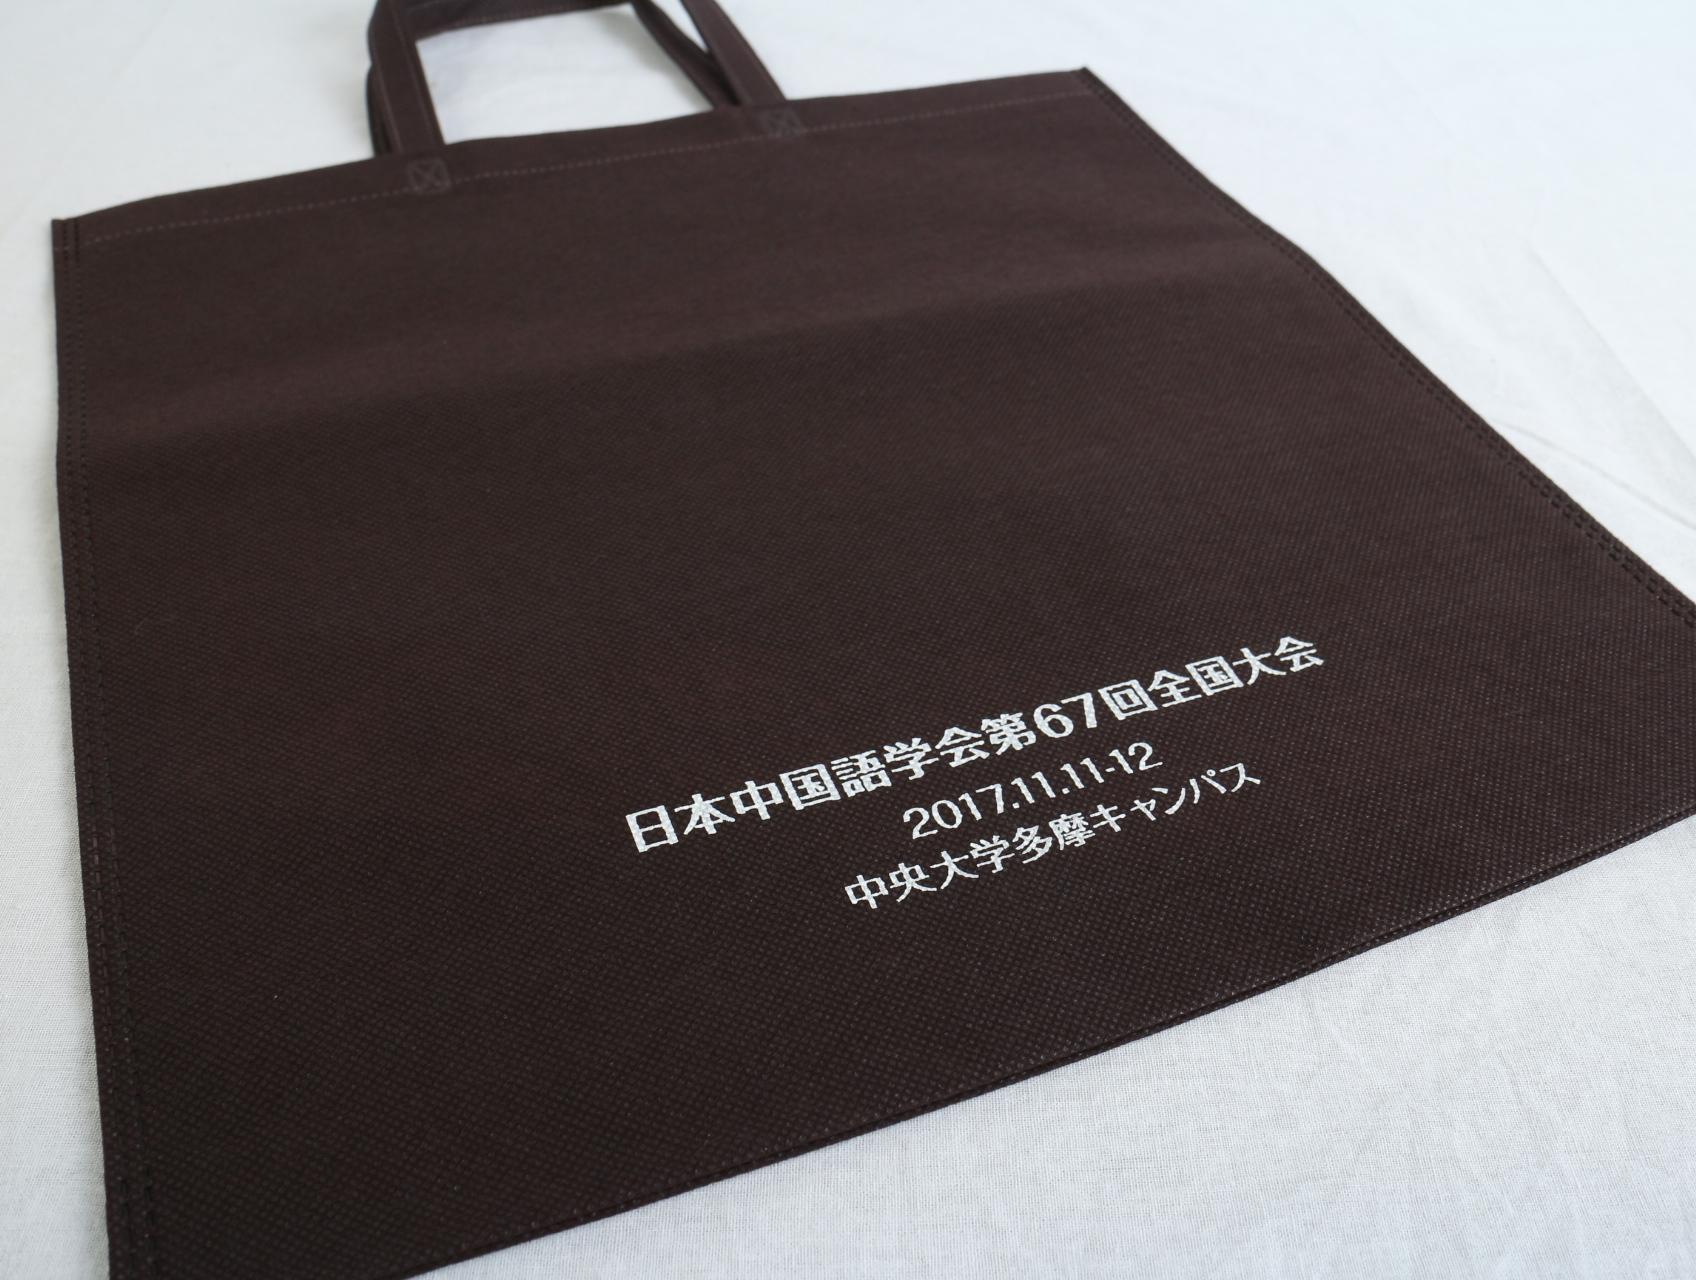 学会で配布されるオリジナル不織布バッグ!